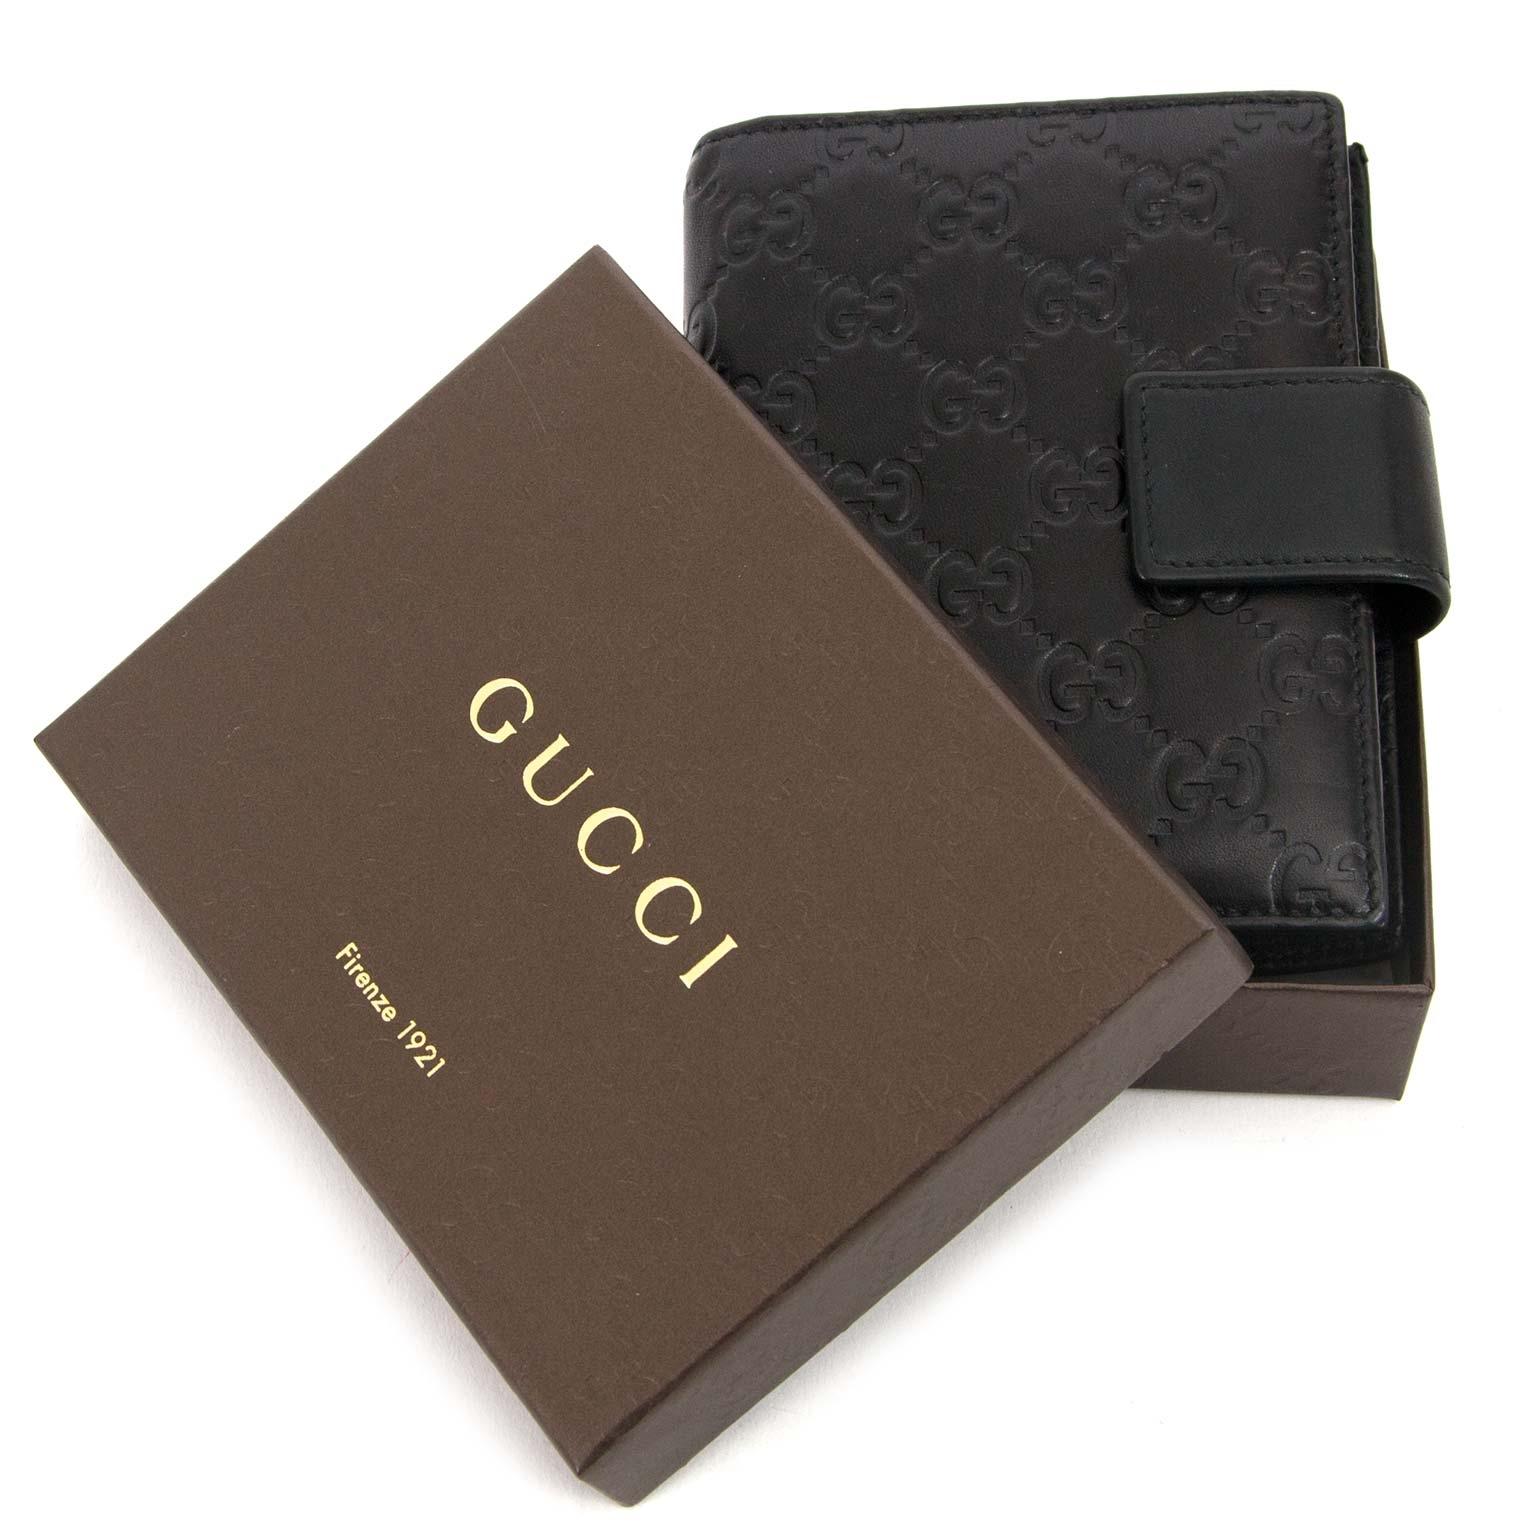 gucci guccissima small black agenda now for sale at labellov vintage fashion webshop belgium